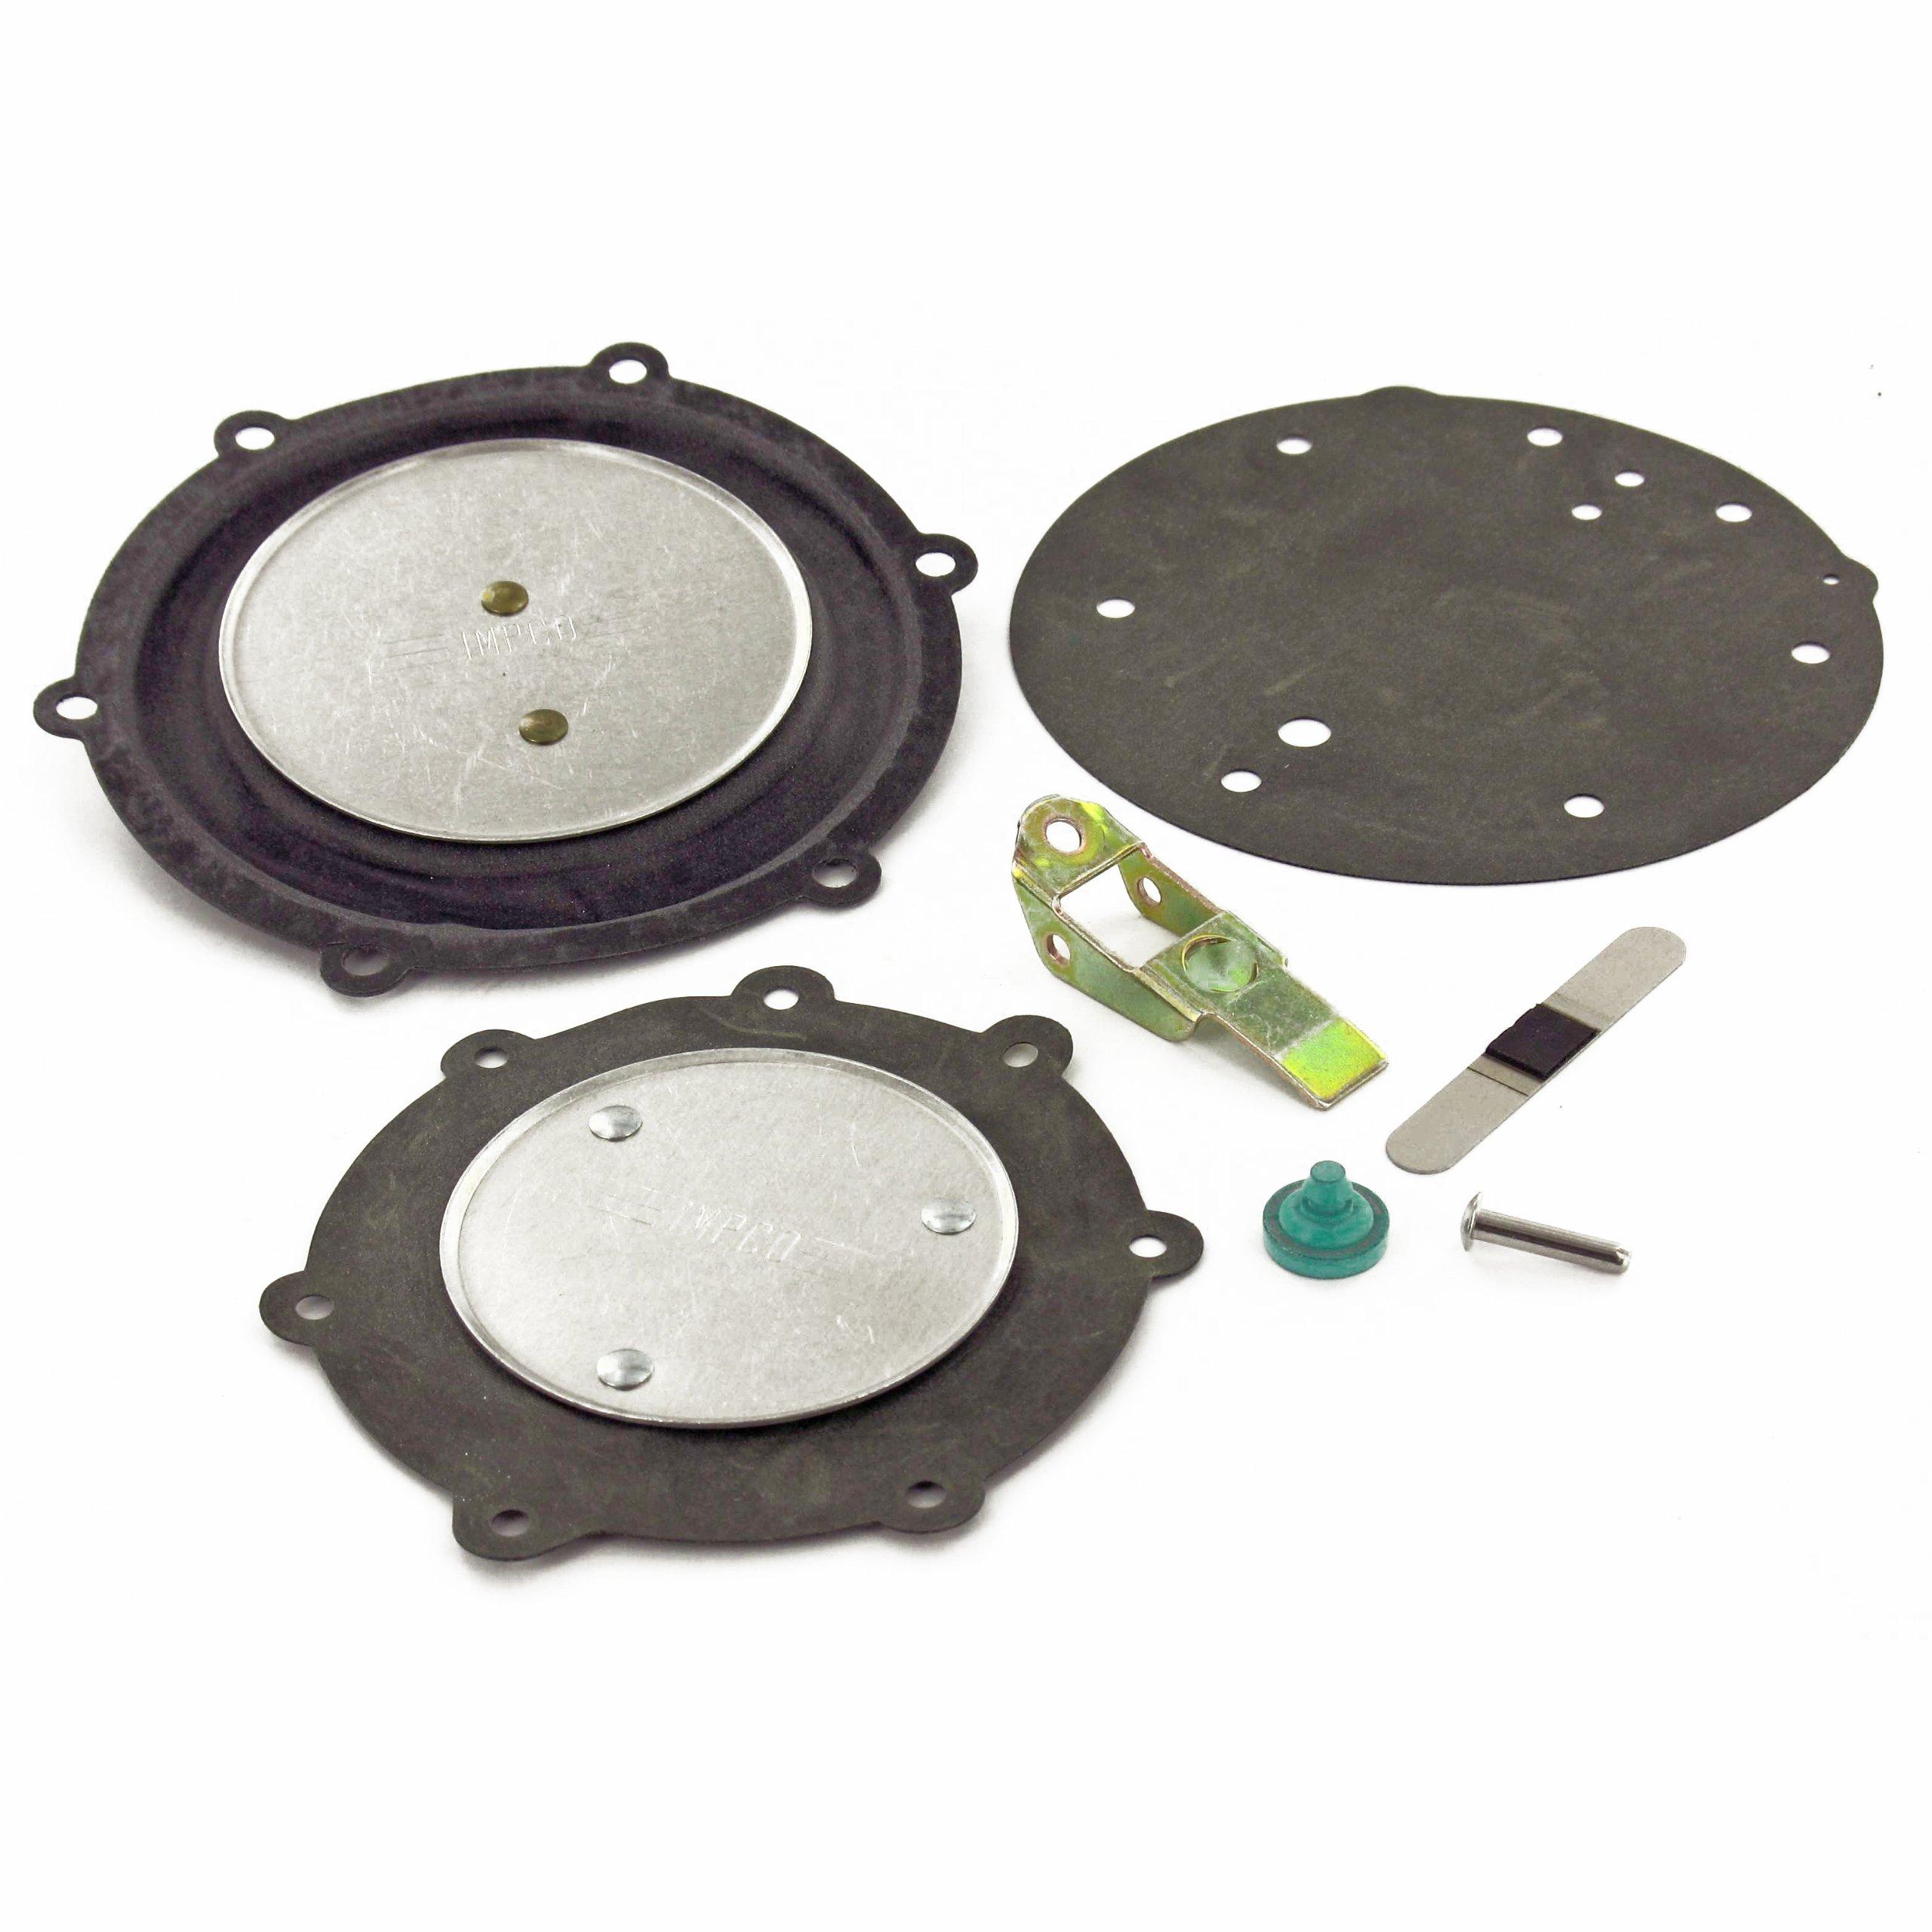 IMPCO RK-J Repair Kit For Model J Converters